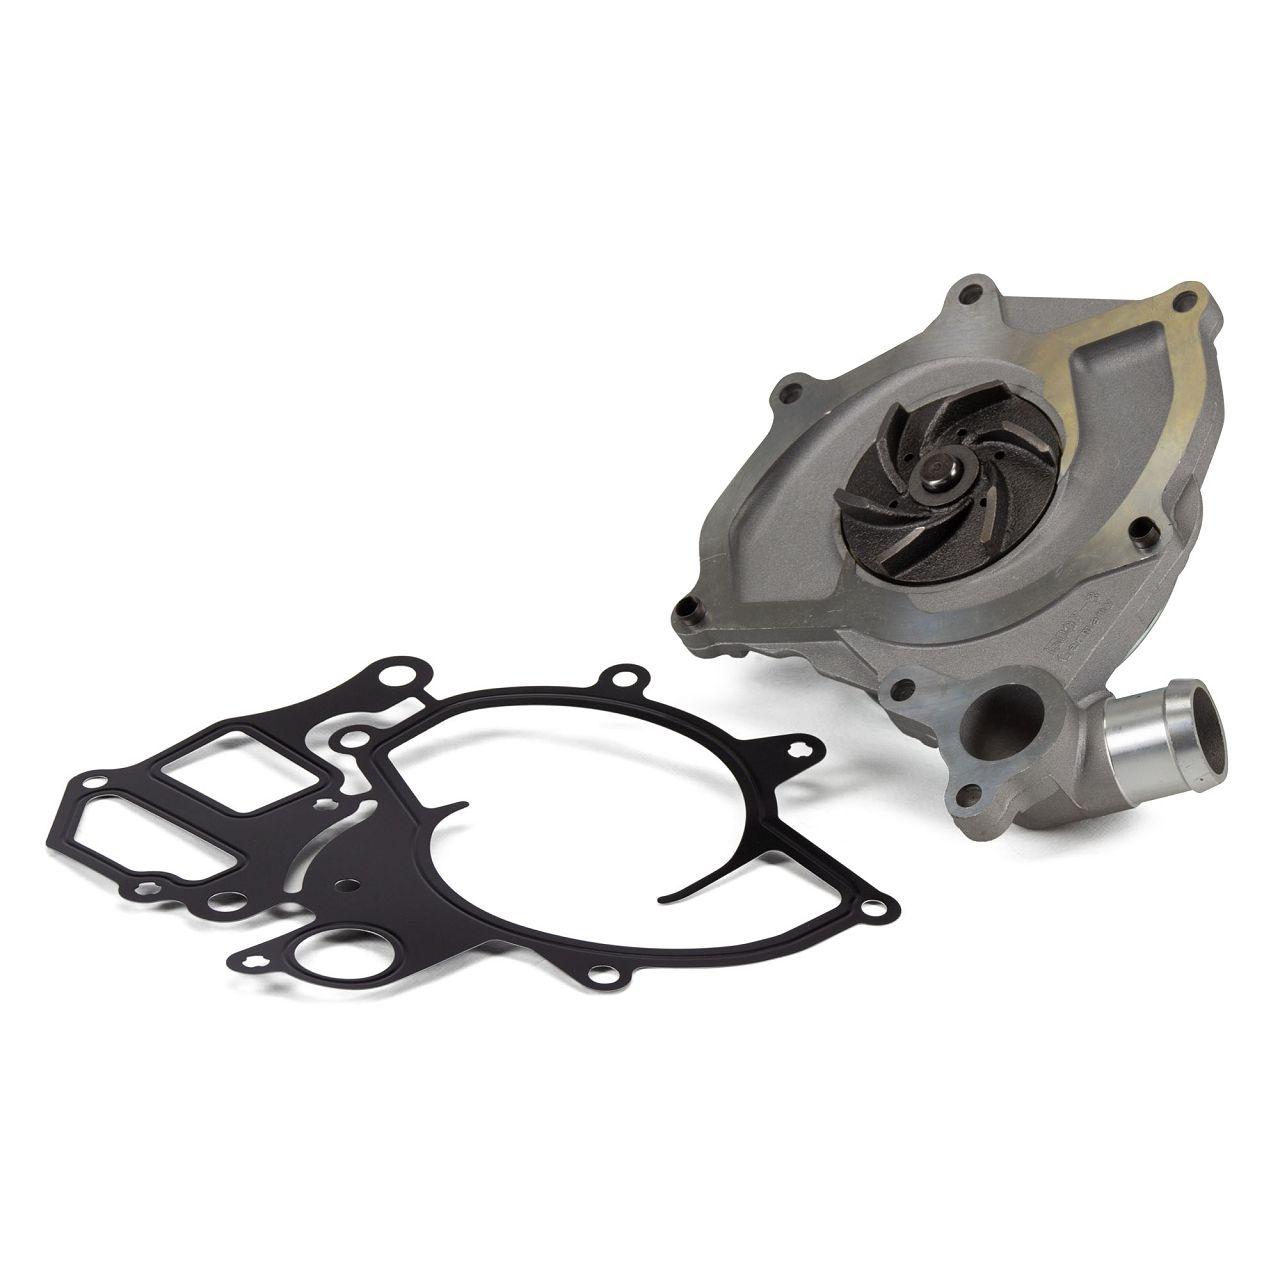 GEBA Wasserpumpe für PORSCHE 911 (997) 3.6 / 3.8 / 4.0 GT3 + 3.6 Turbo + 3.6 GT2